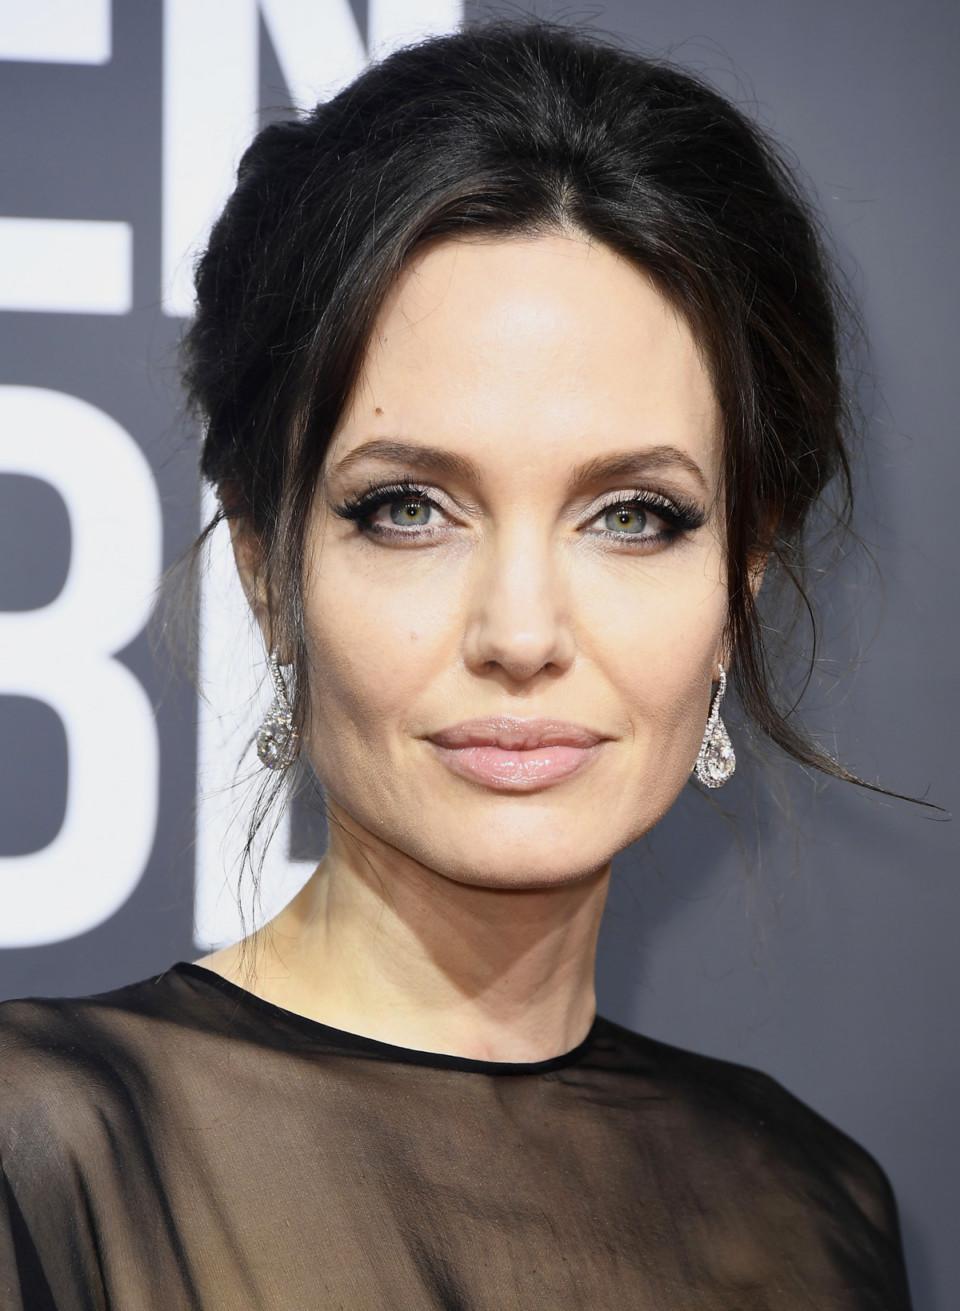 Анджелина Джоли - родинка над бровью